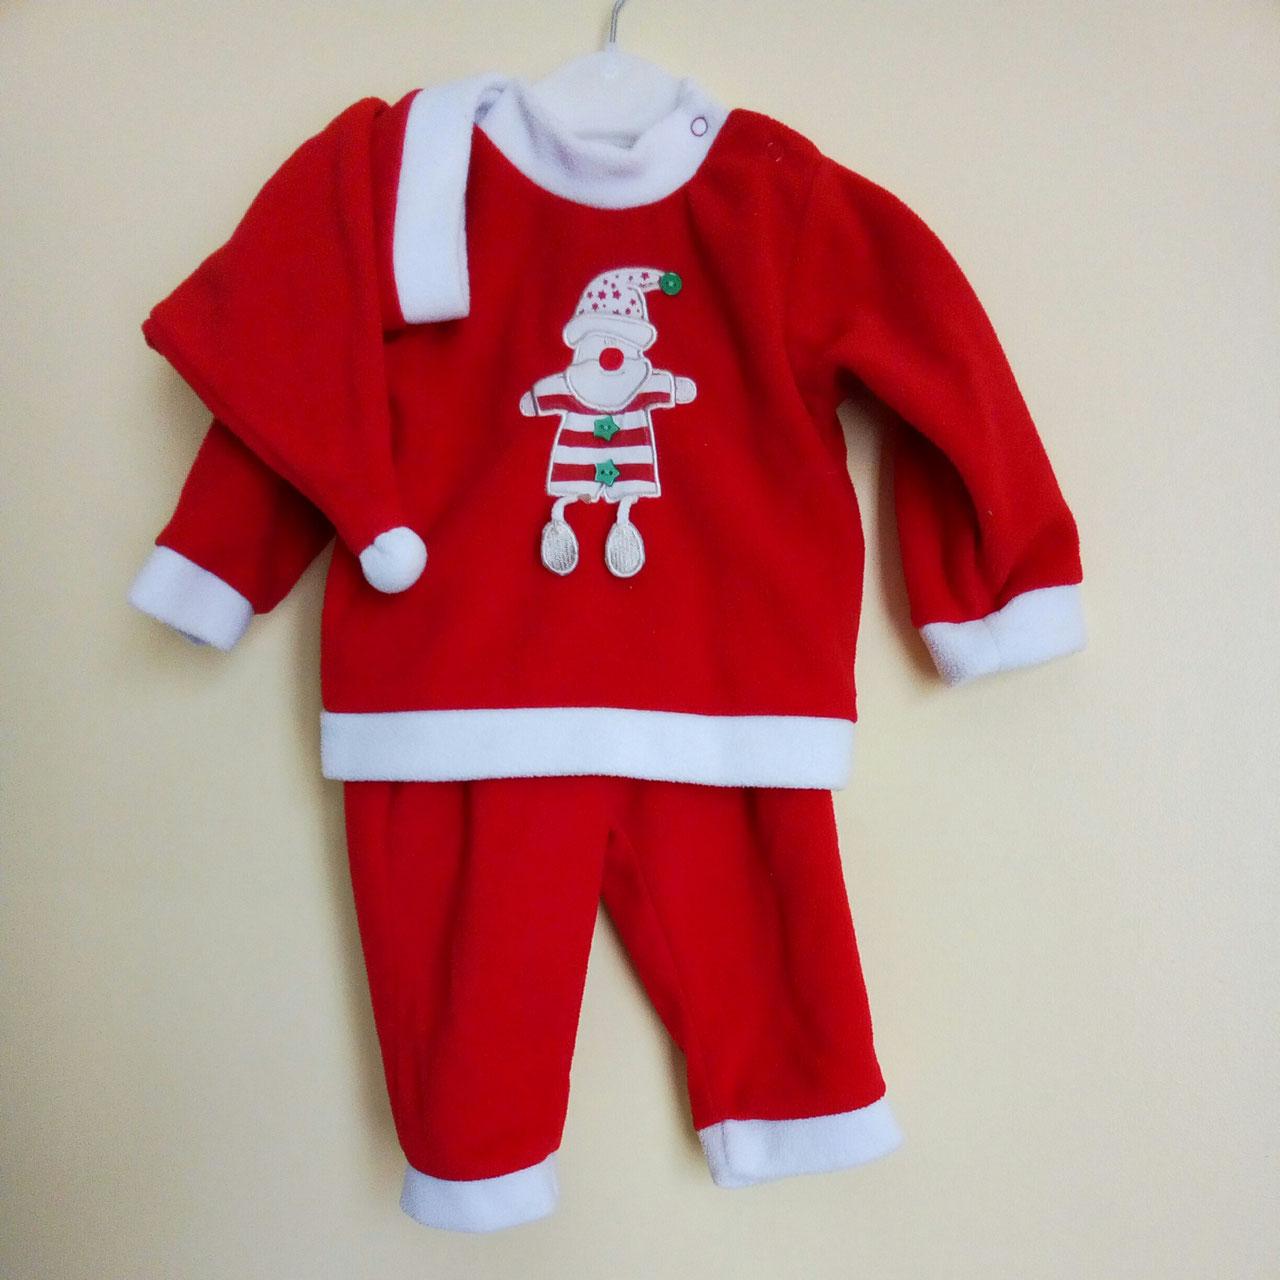 9c2e5c01ee4e6 Pyjama 12 mois 2 pièces avec bonnet - Chipettes-et-Galopins ...